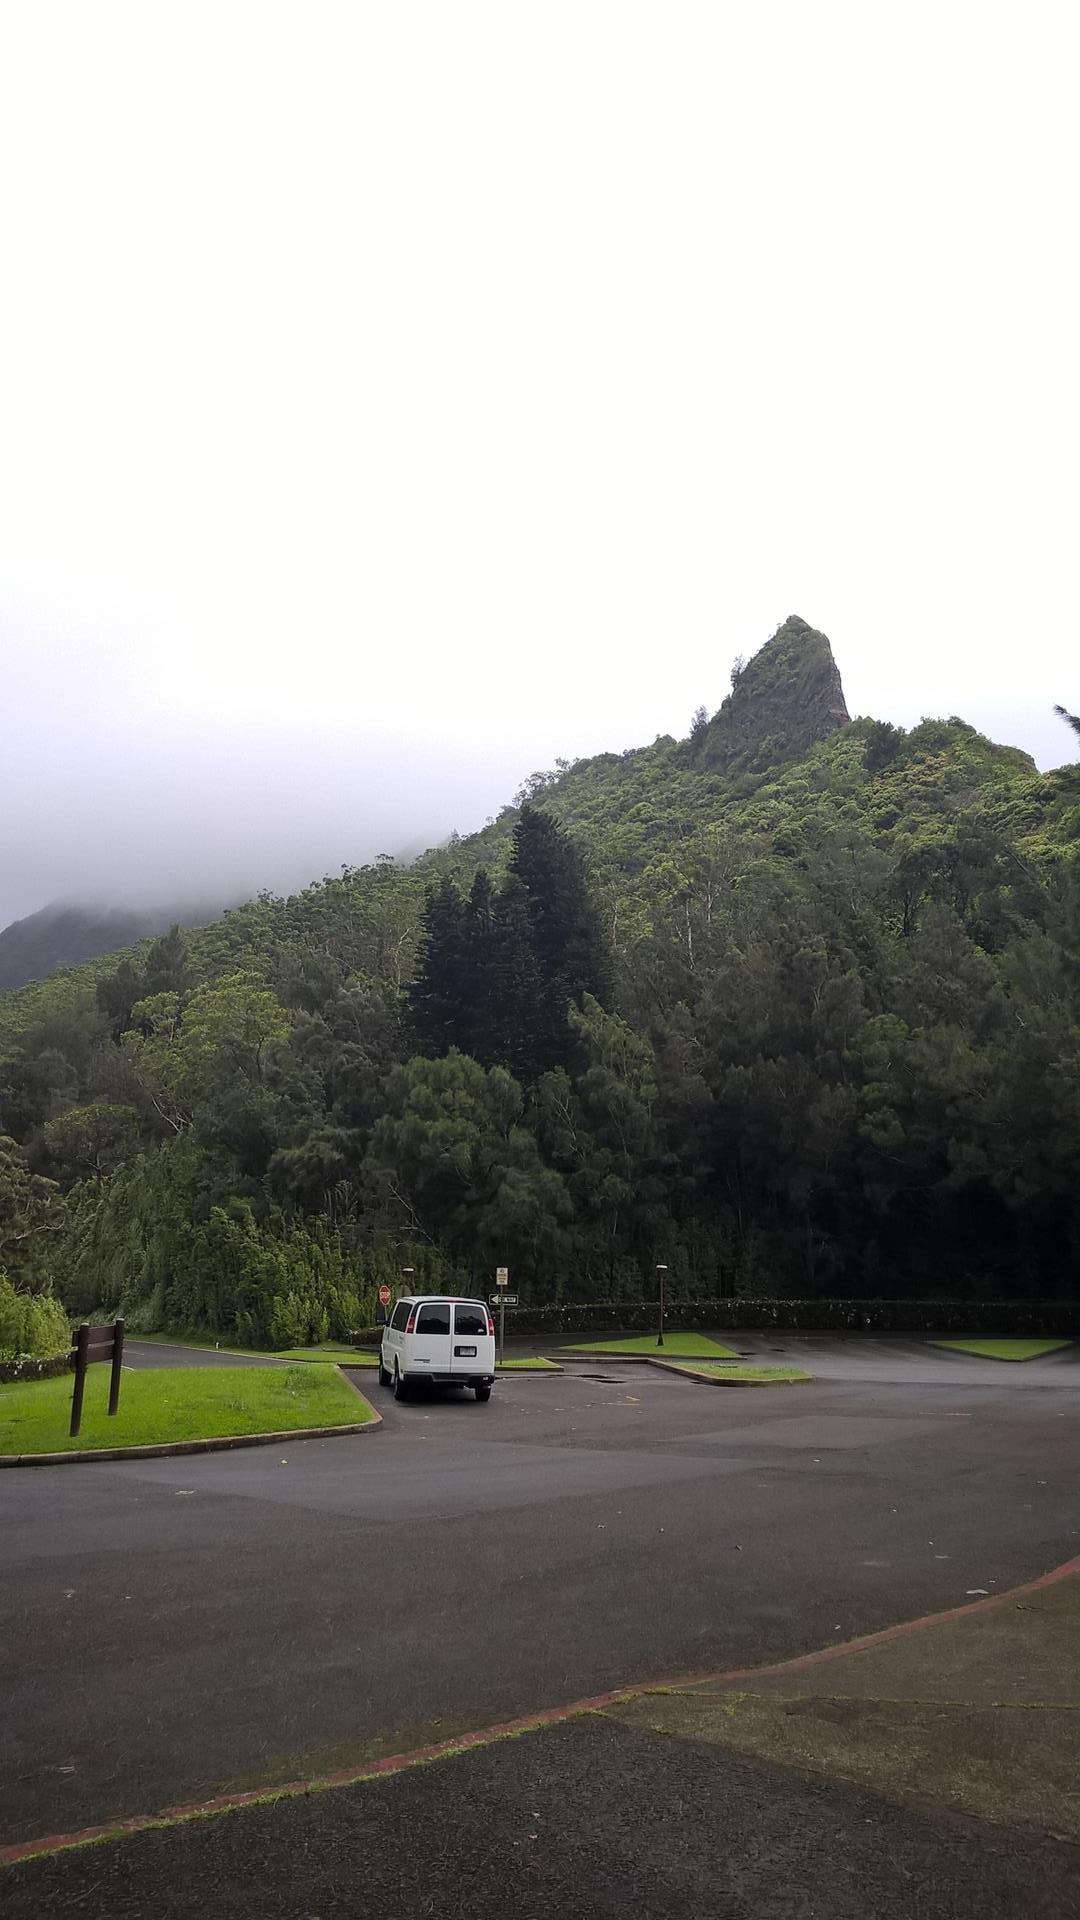 Die Berge sind in den Wolken versteckt: Man erkennt schon wie grün hier alles ist